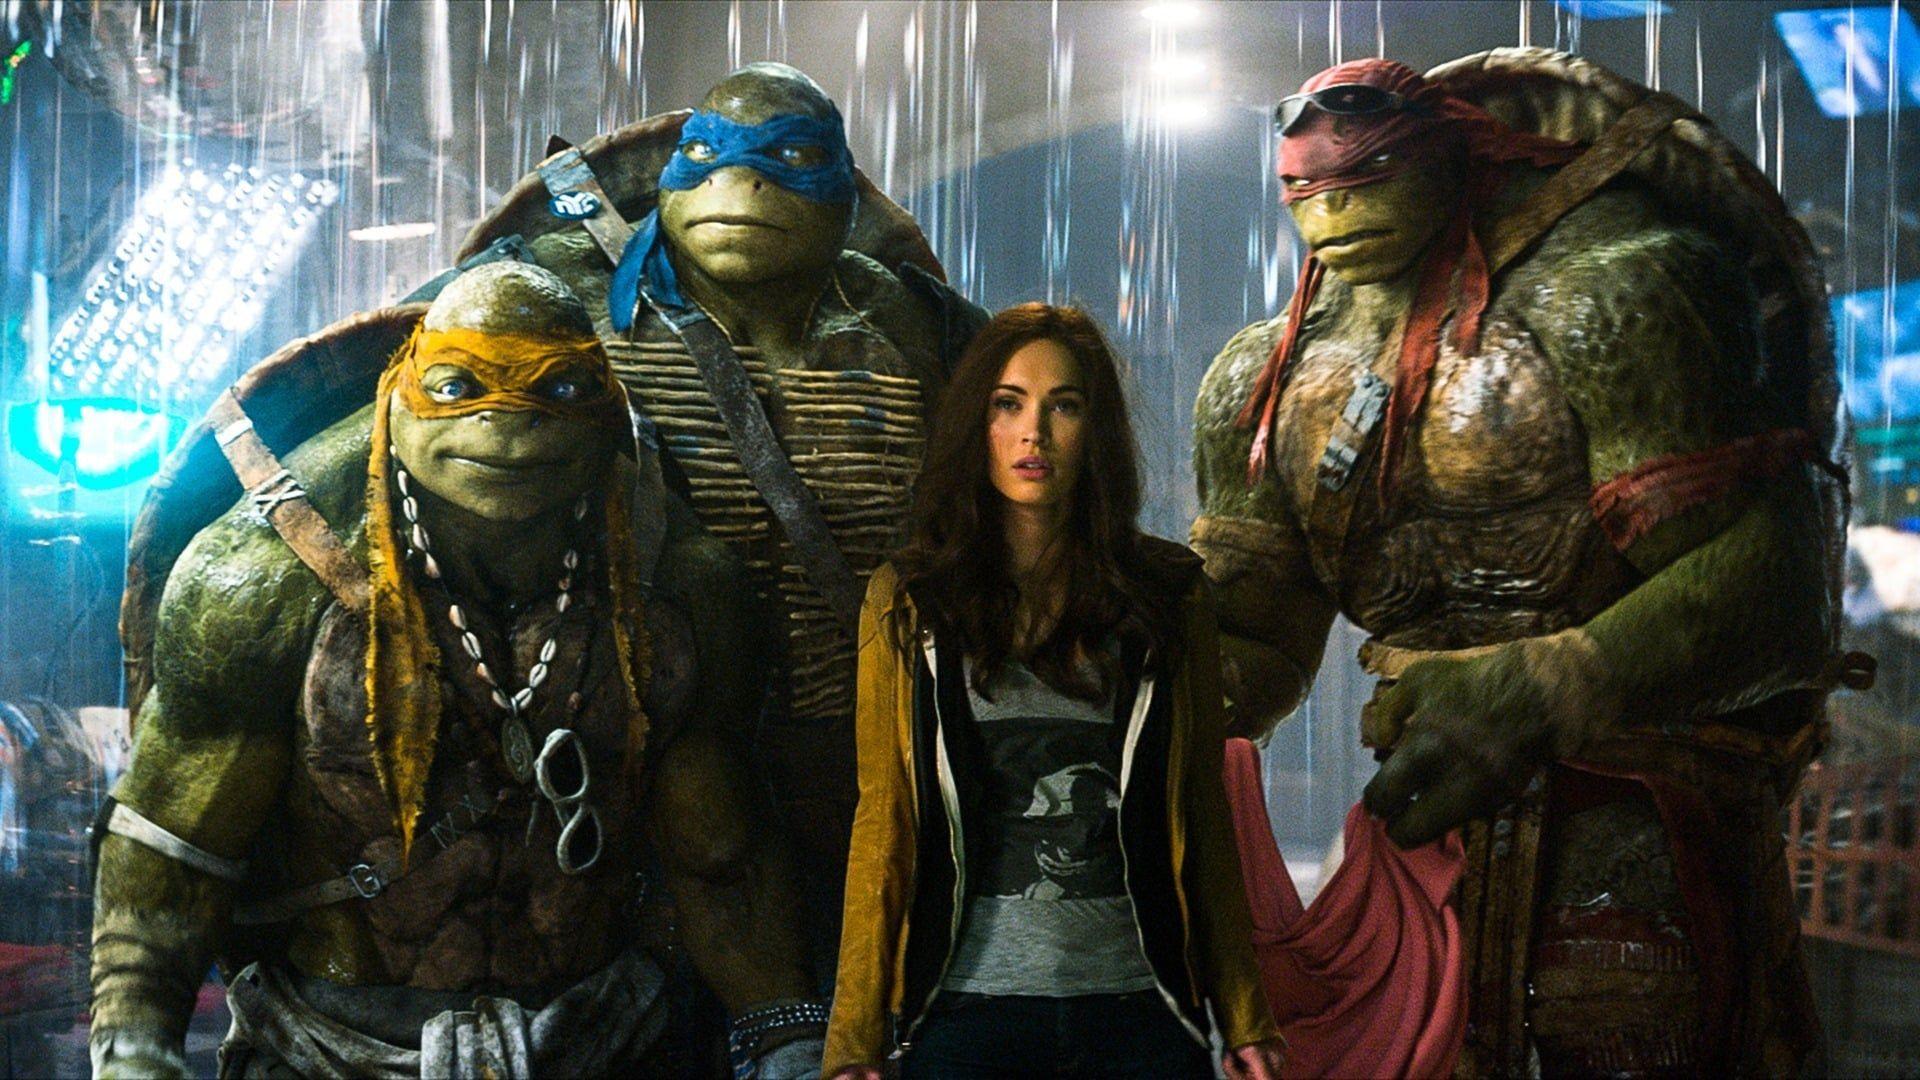 La Citta Ha Bisogno Di Eroi L Oscurita E Calata Su New York City Quando Shredder E I Teenage Mutant Ninja Turtles Movie Ninja Turtles Movie Ninja Turtles 2014